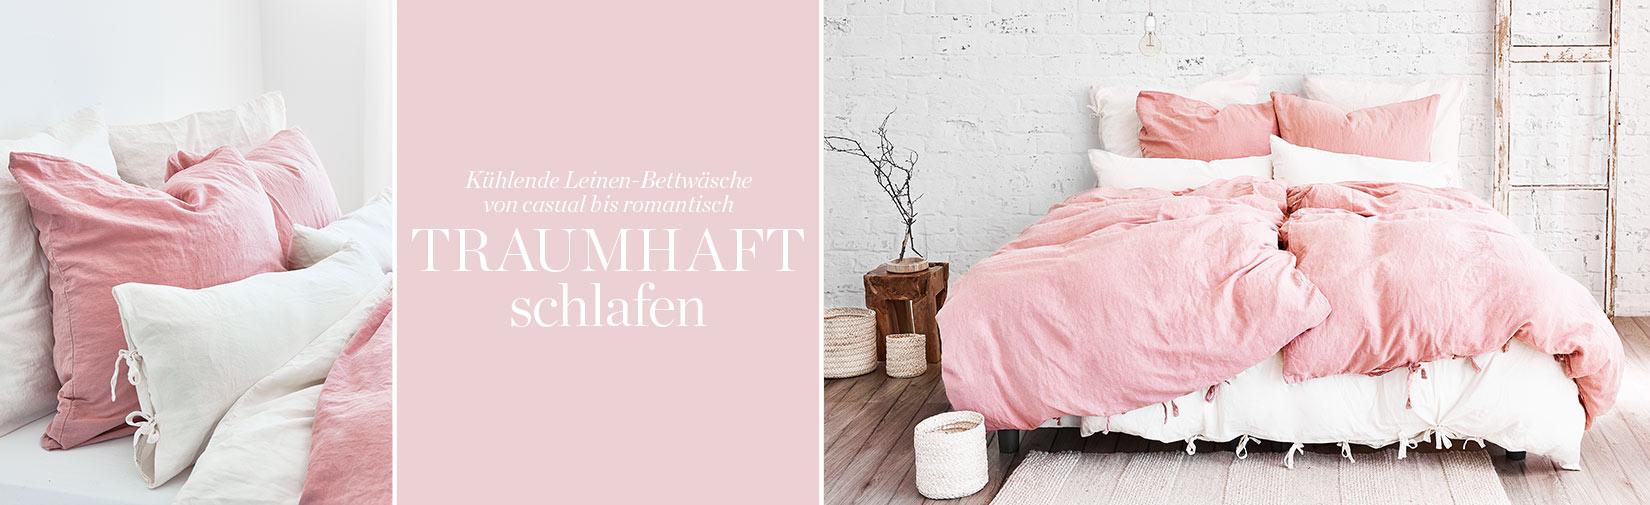 LP_Sommer-Bettwasche_Desktop